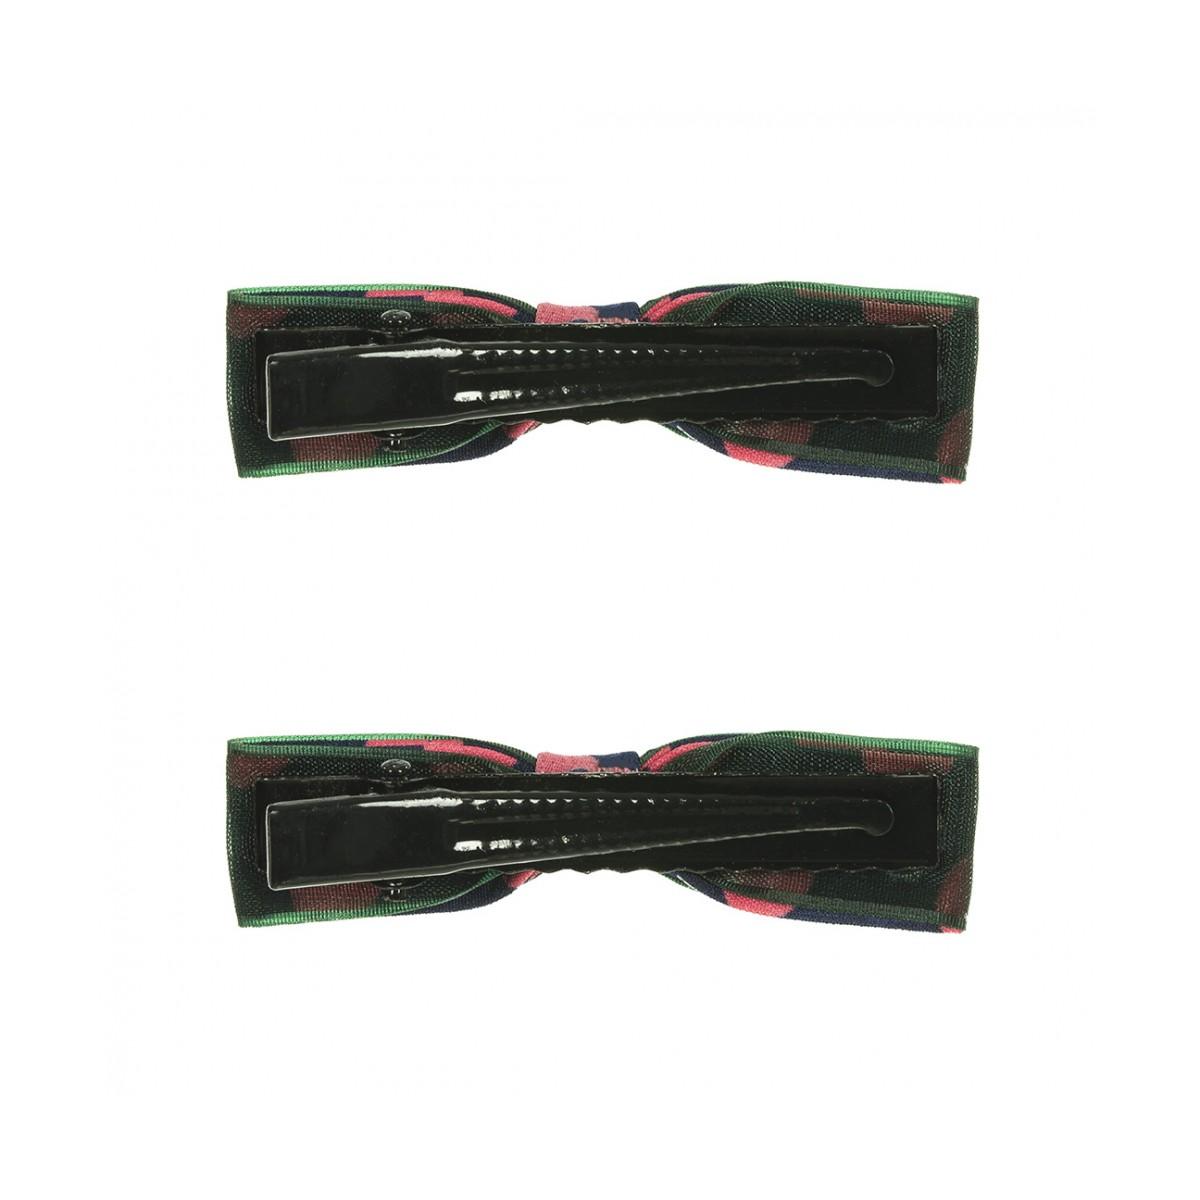 Spinka do włosów 130277-9 (2szt)